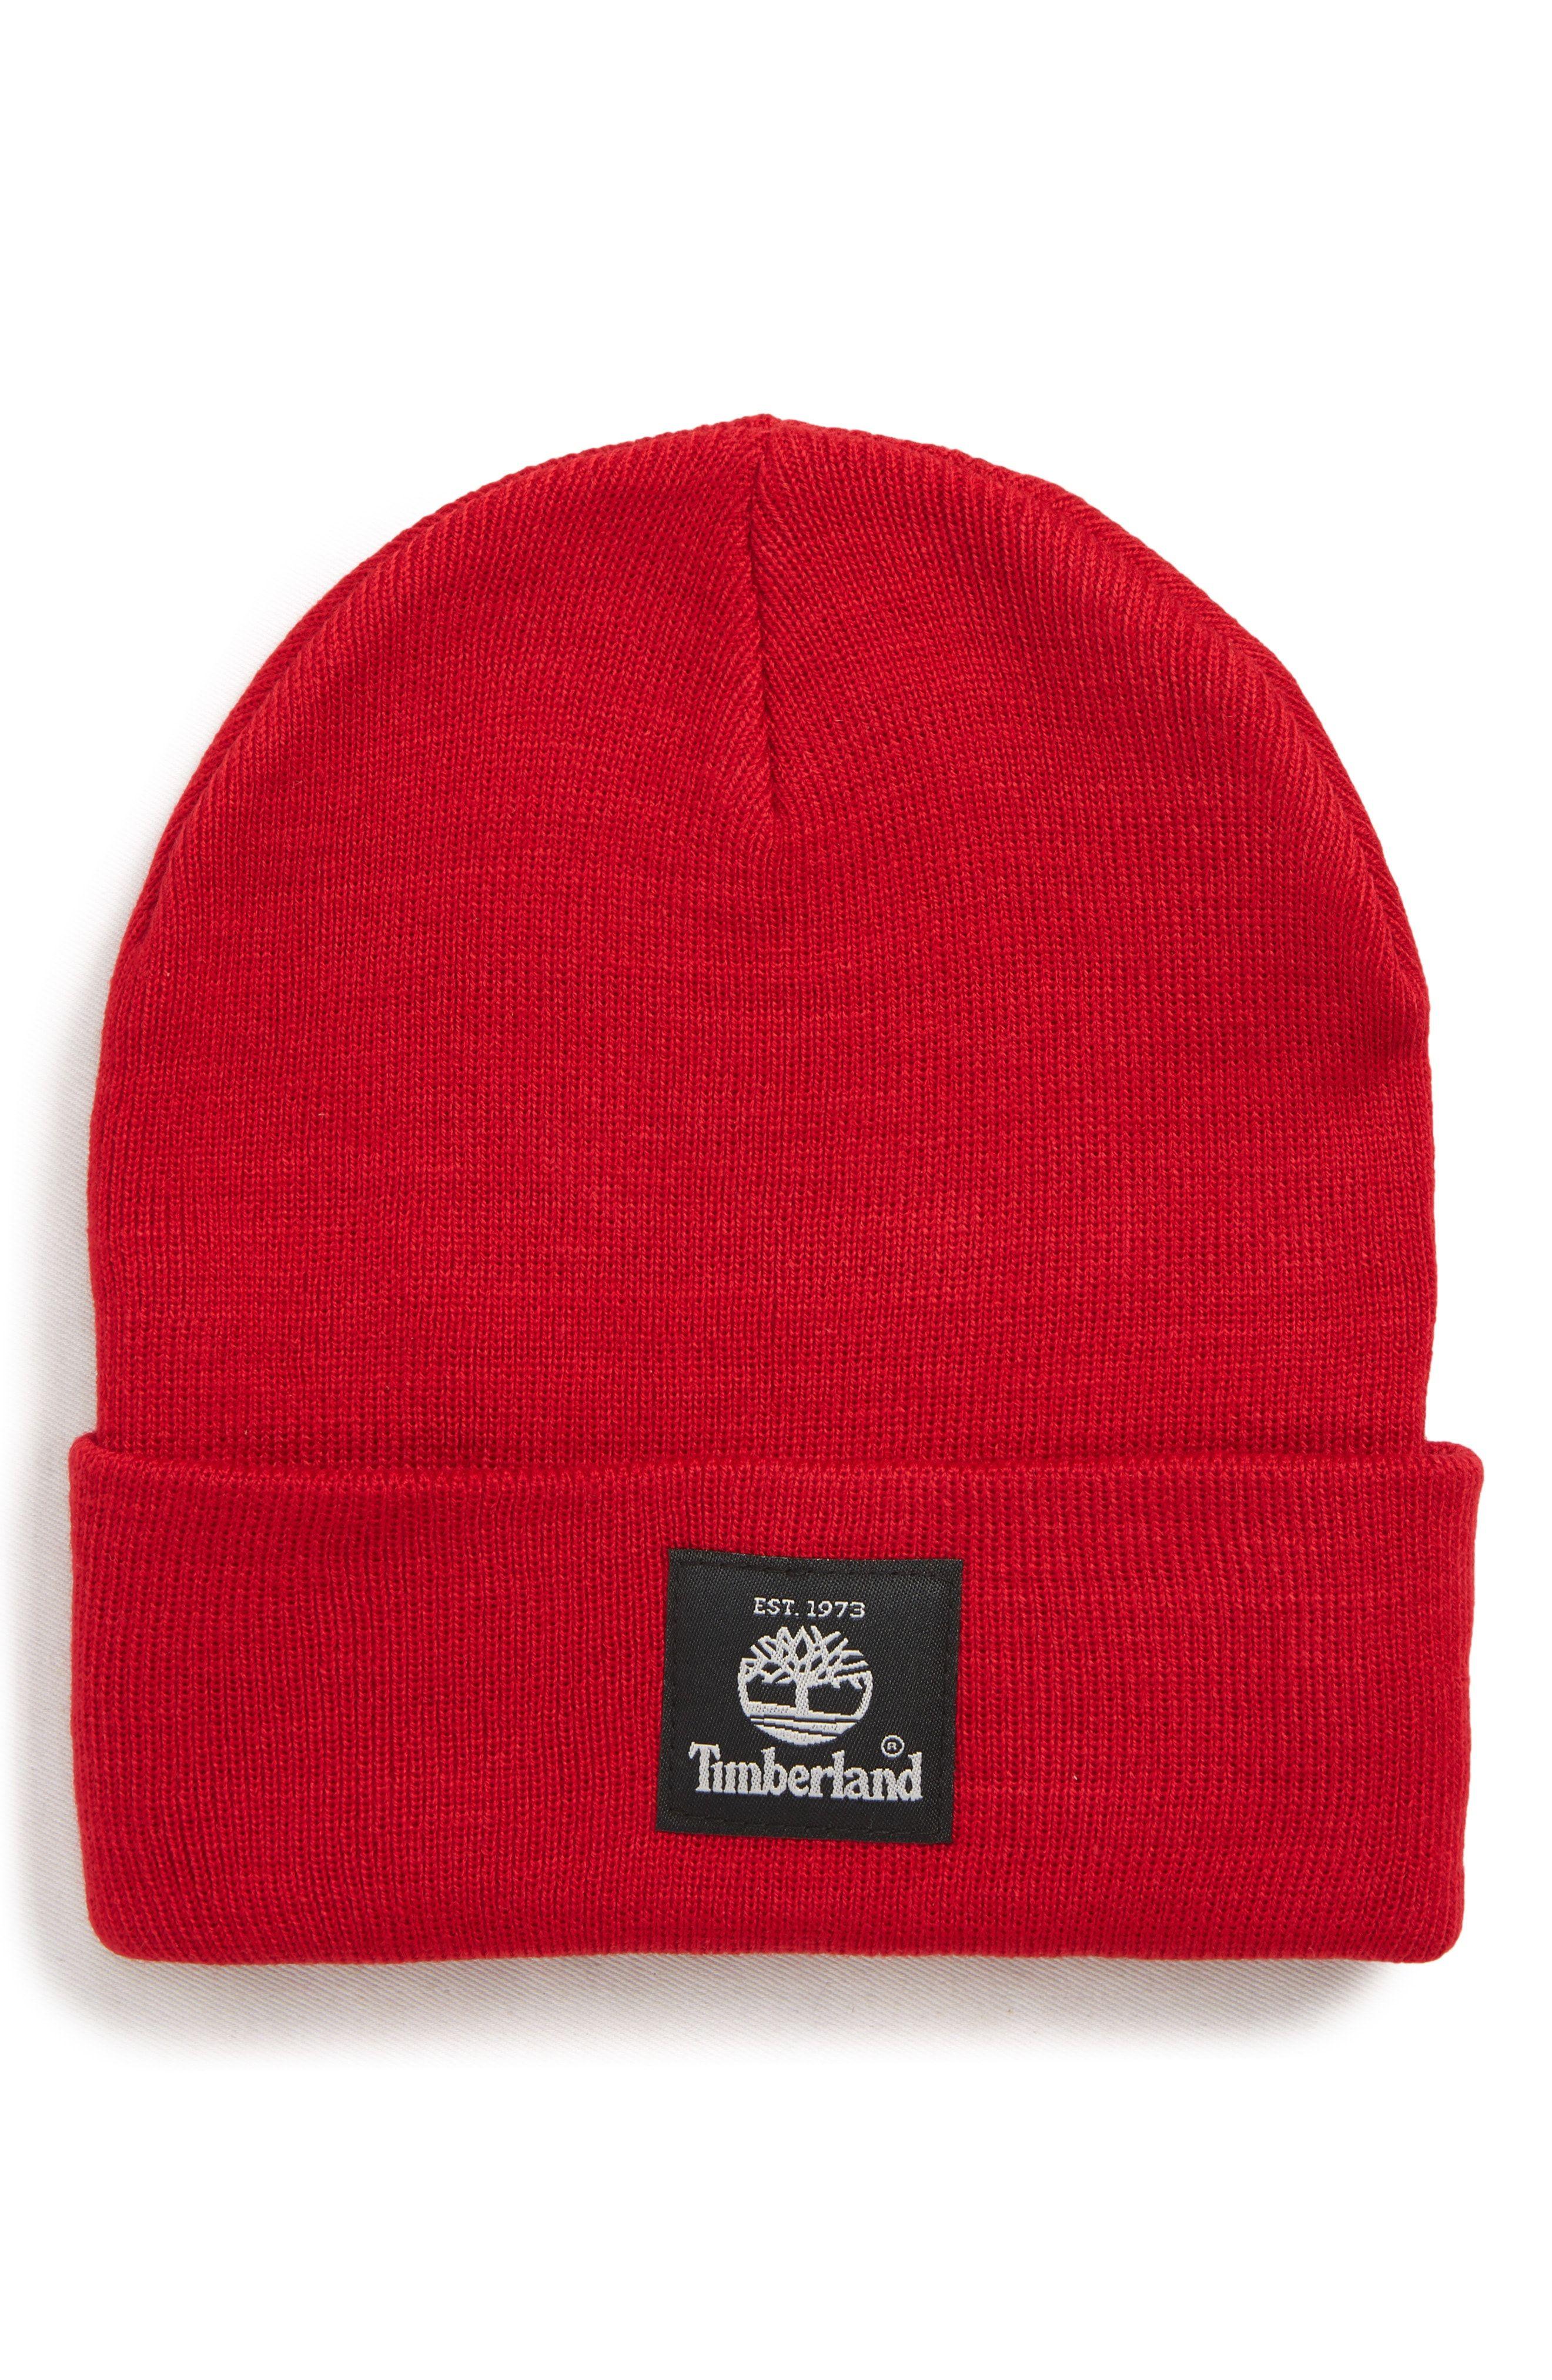 2aa5f60e TIMBERLAND WATCH CAP - RED. #timberland | Timberland | Timberland ...